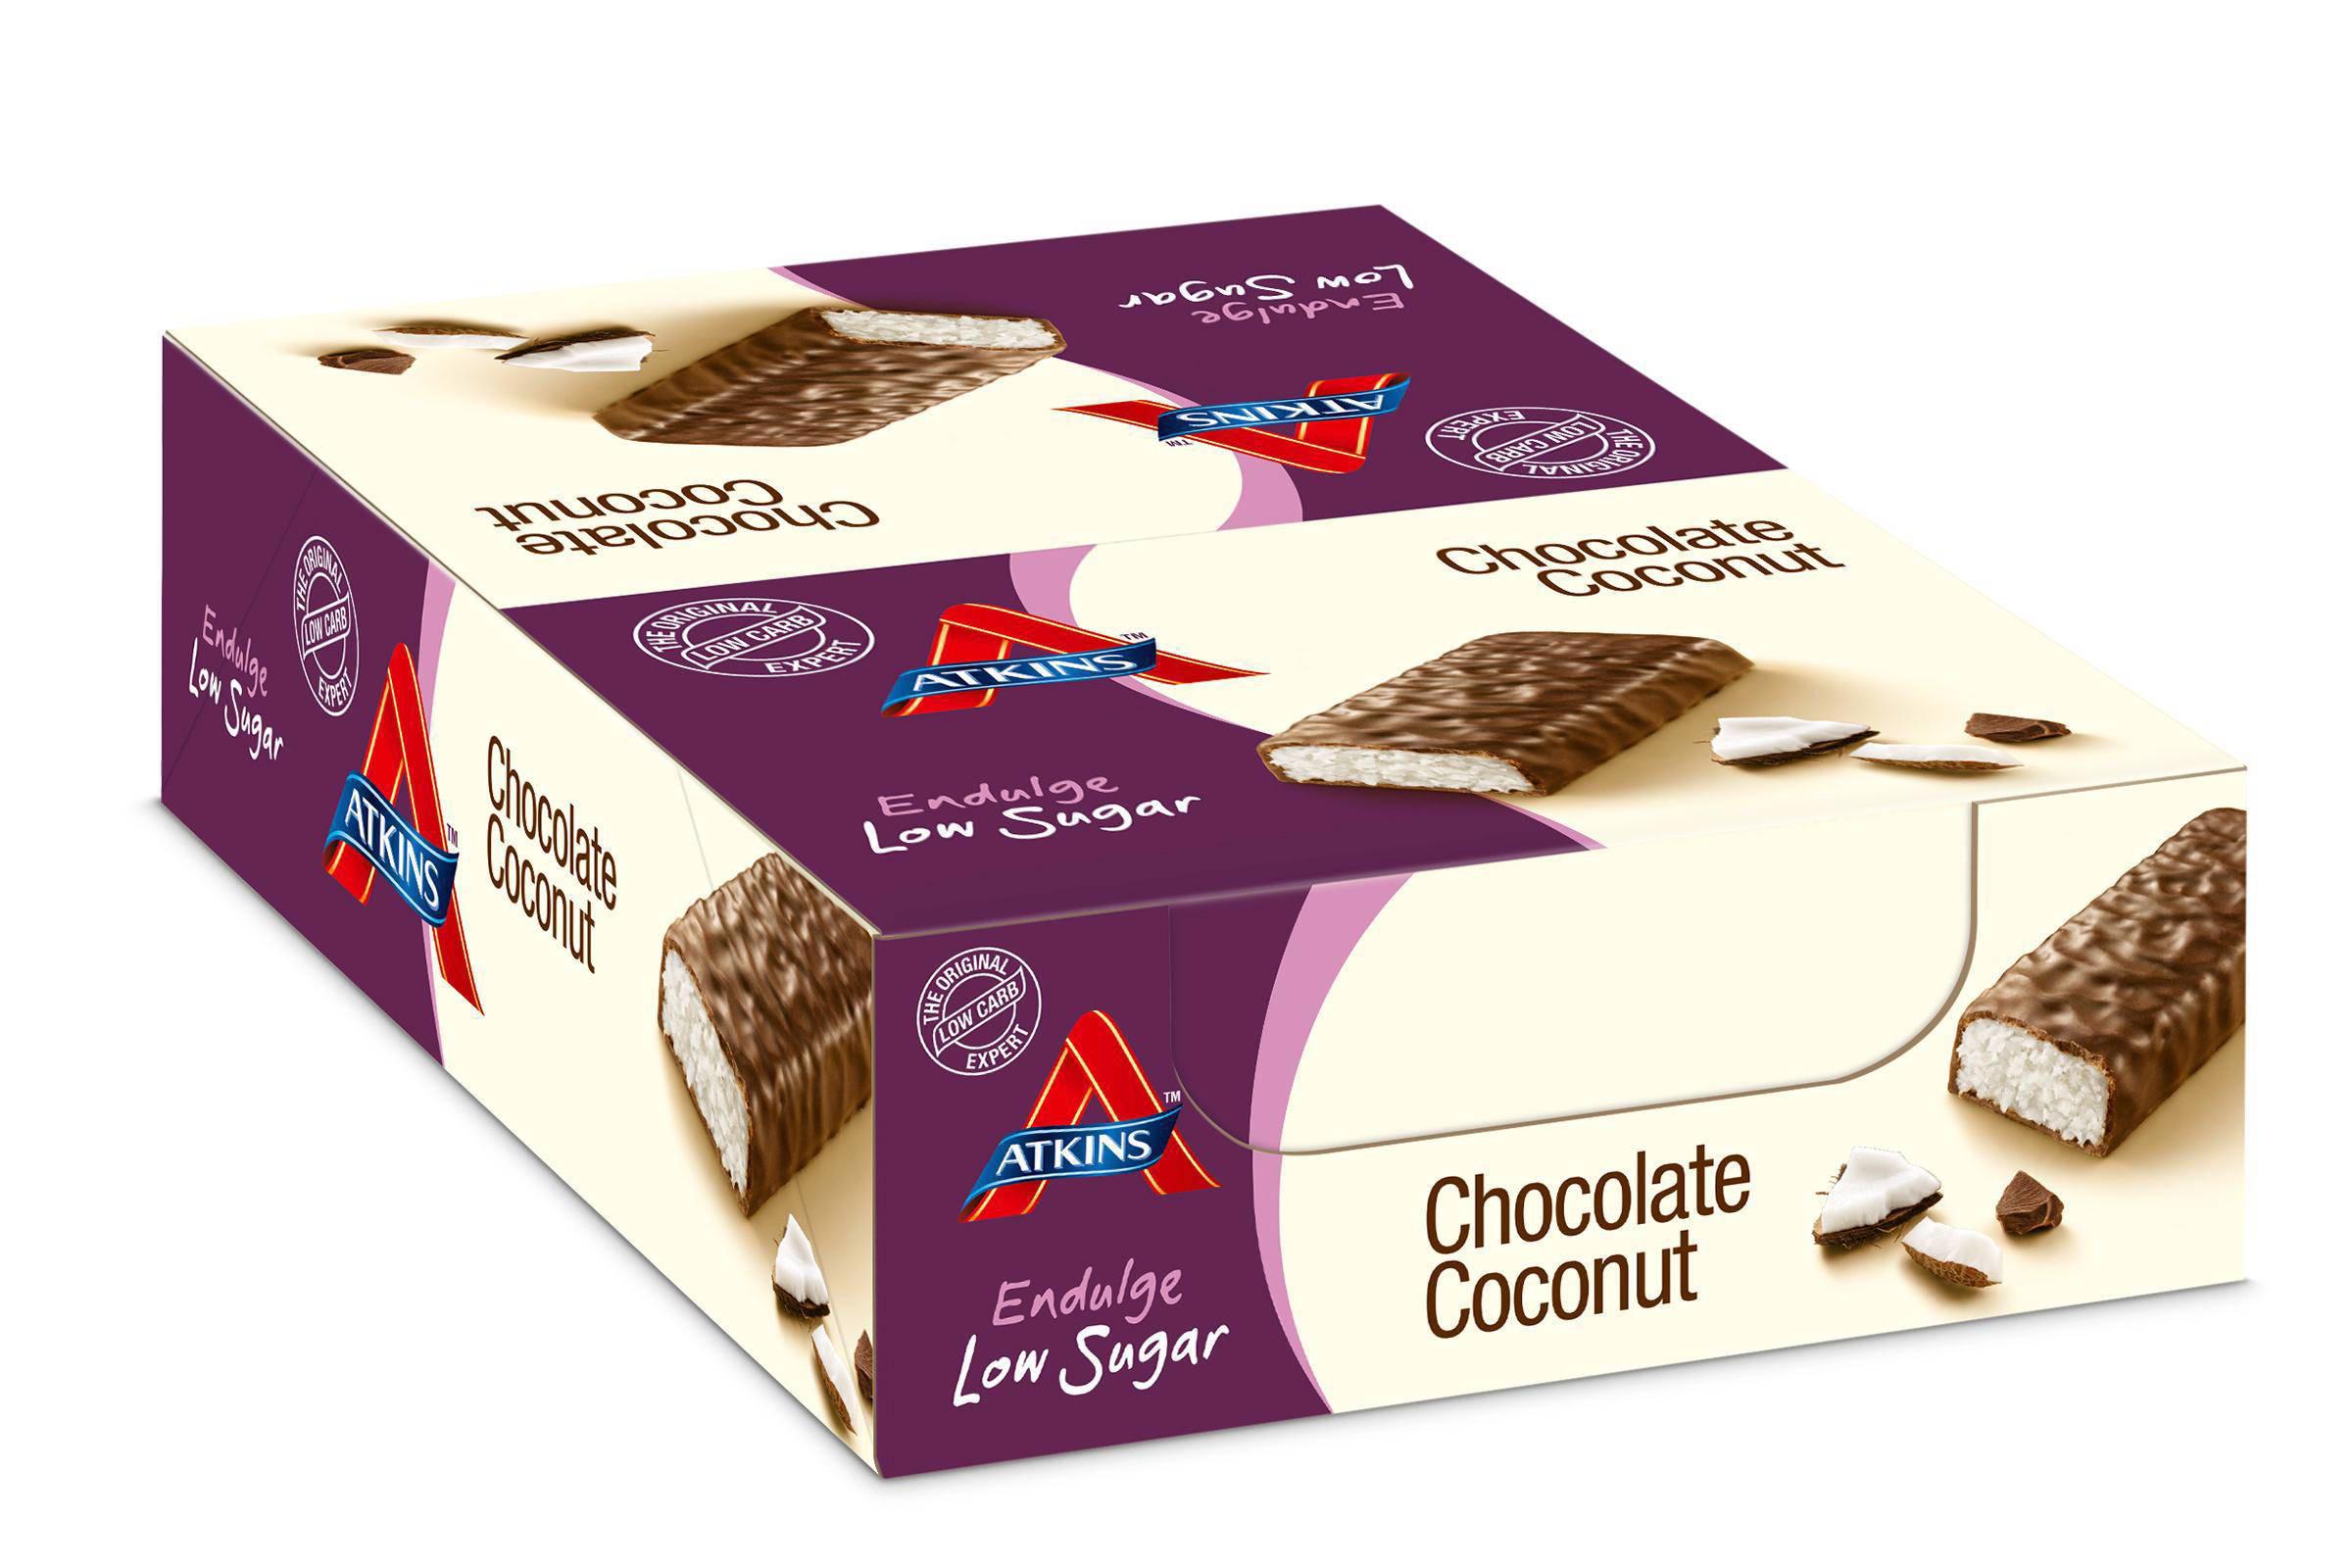 Atkins Endulge Kokosnoot Chocolade repen - 13 + 2 gratis